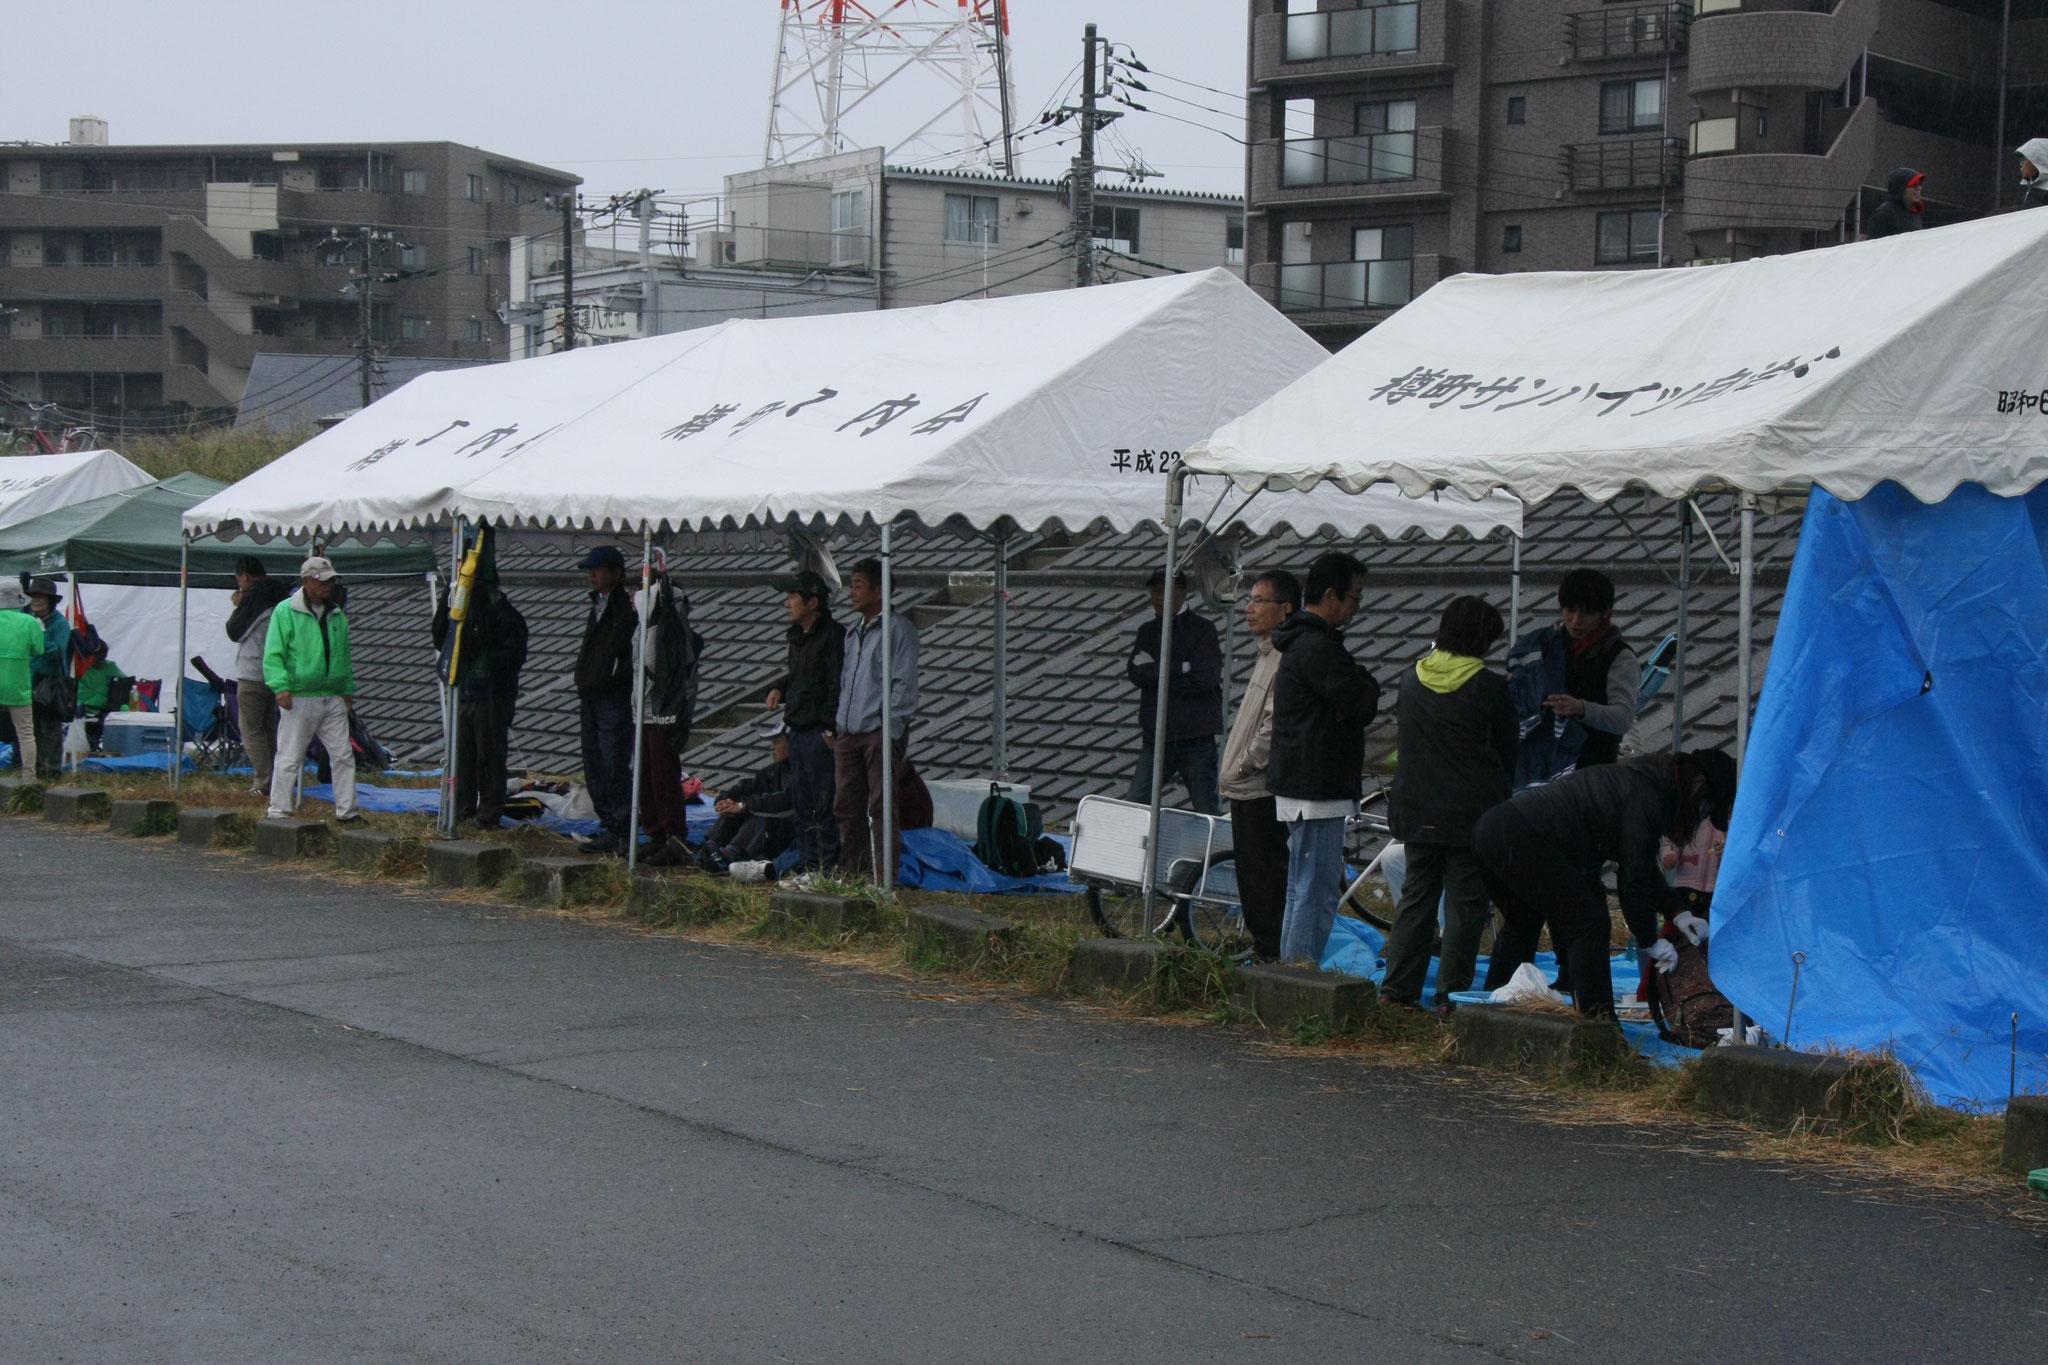 試合のない選手たちもテント内で雨をしのぎながら観戦していると午後の試合も無事終了しました。